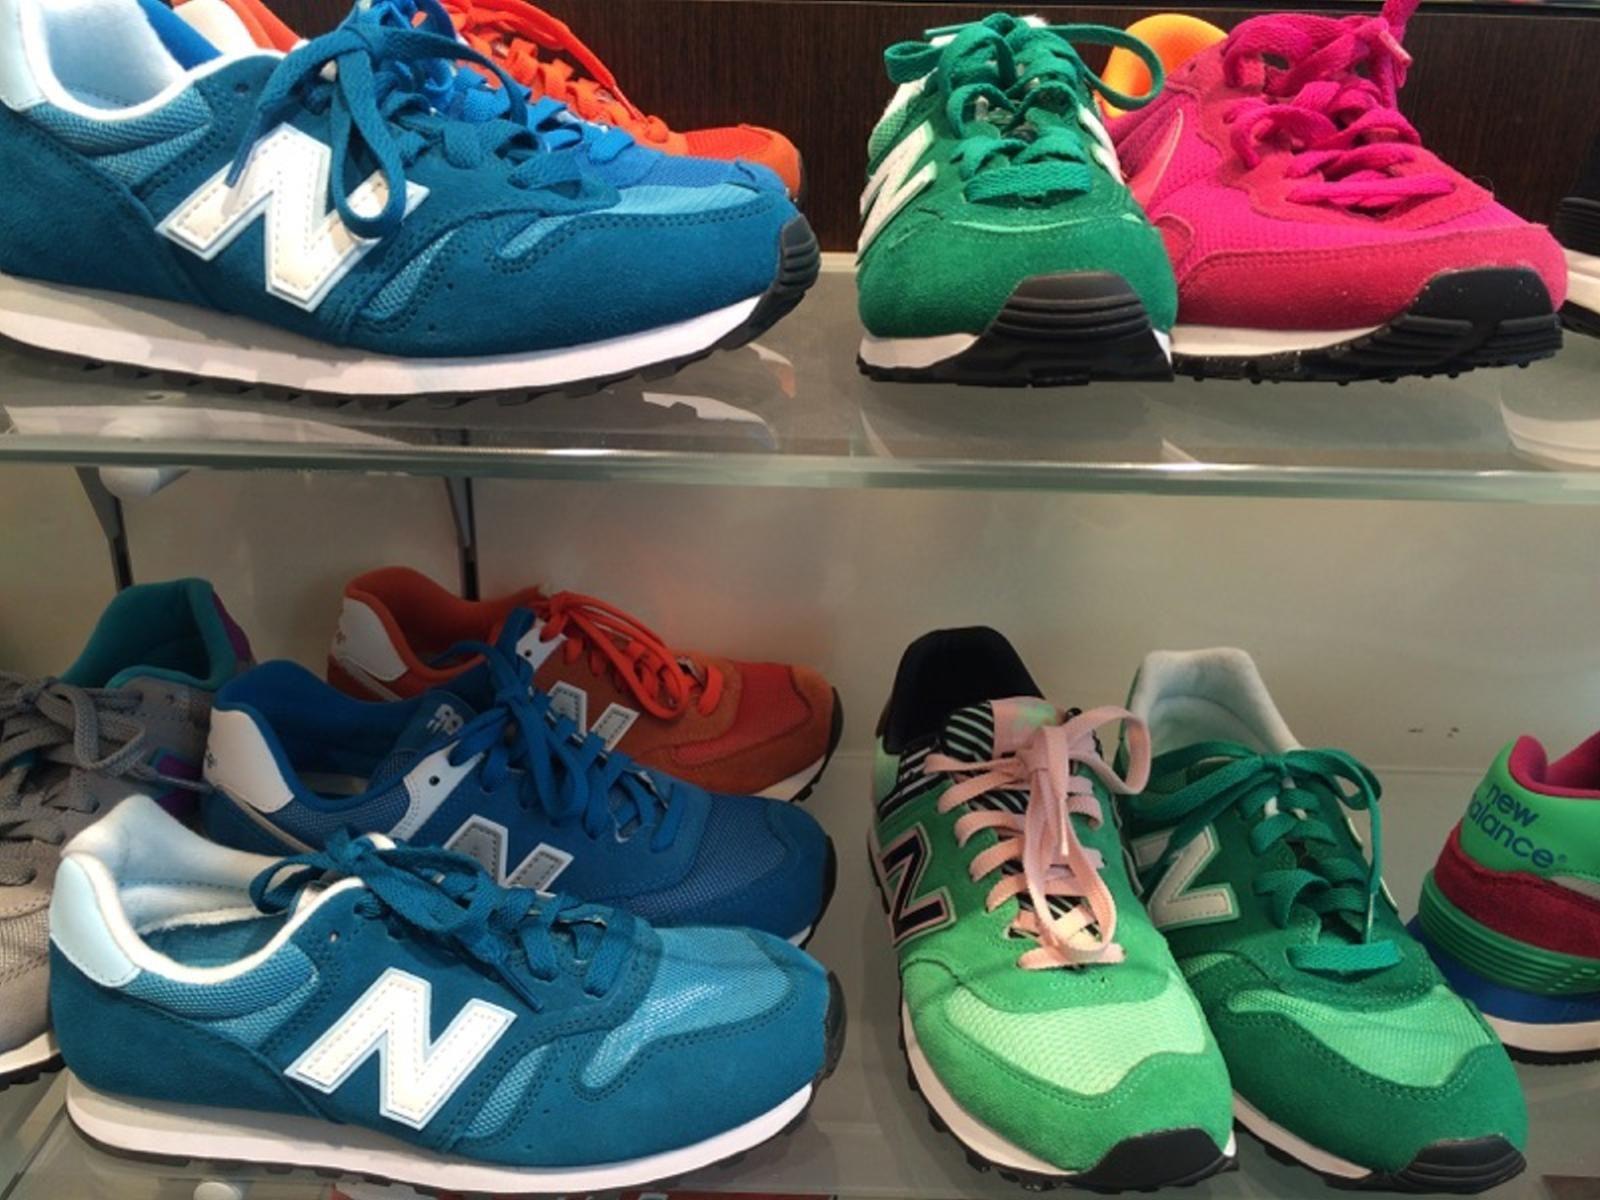 cheap for discount d1db7 29e30 Sportschuhe und Sneakers Waschanleitung